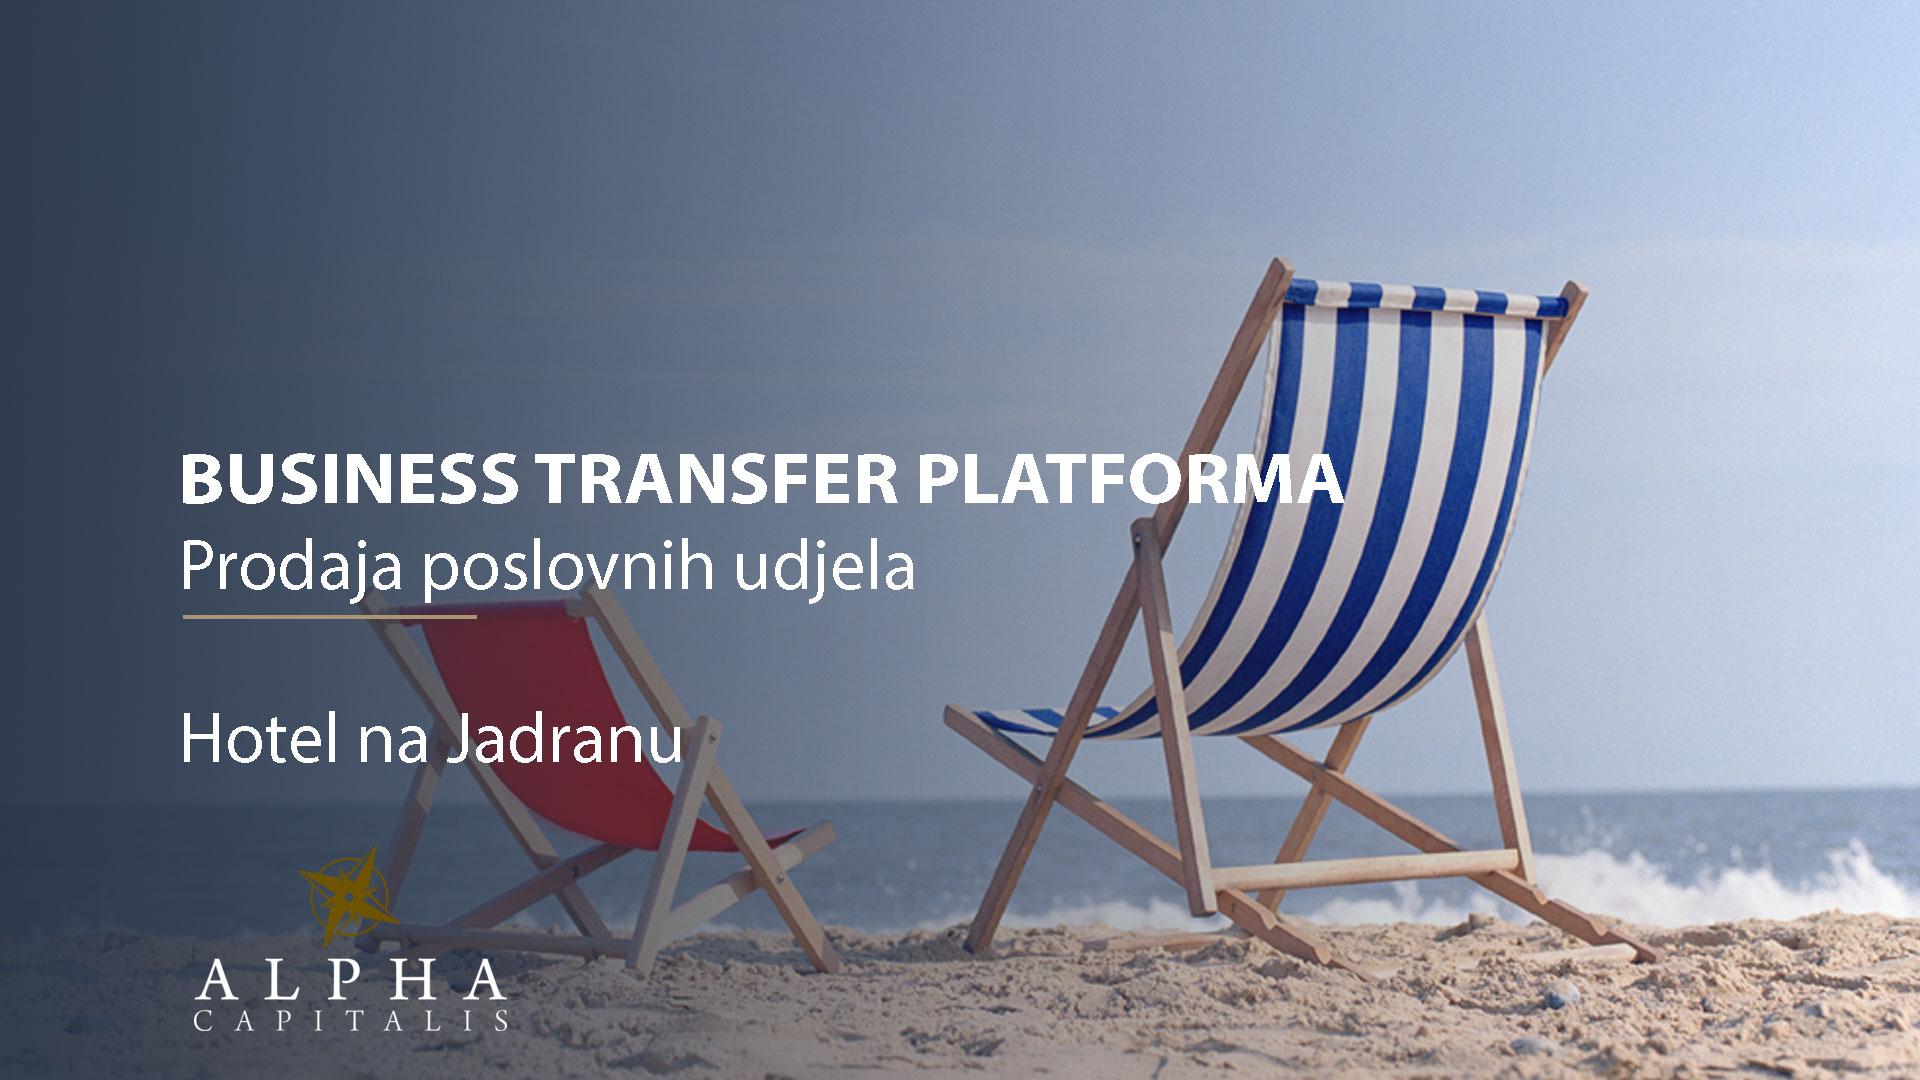 Business-transfer-platforma-hotel-na-jadranu